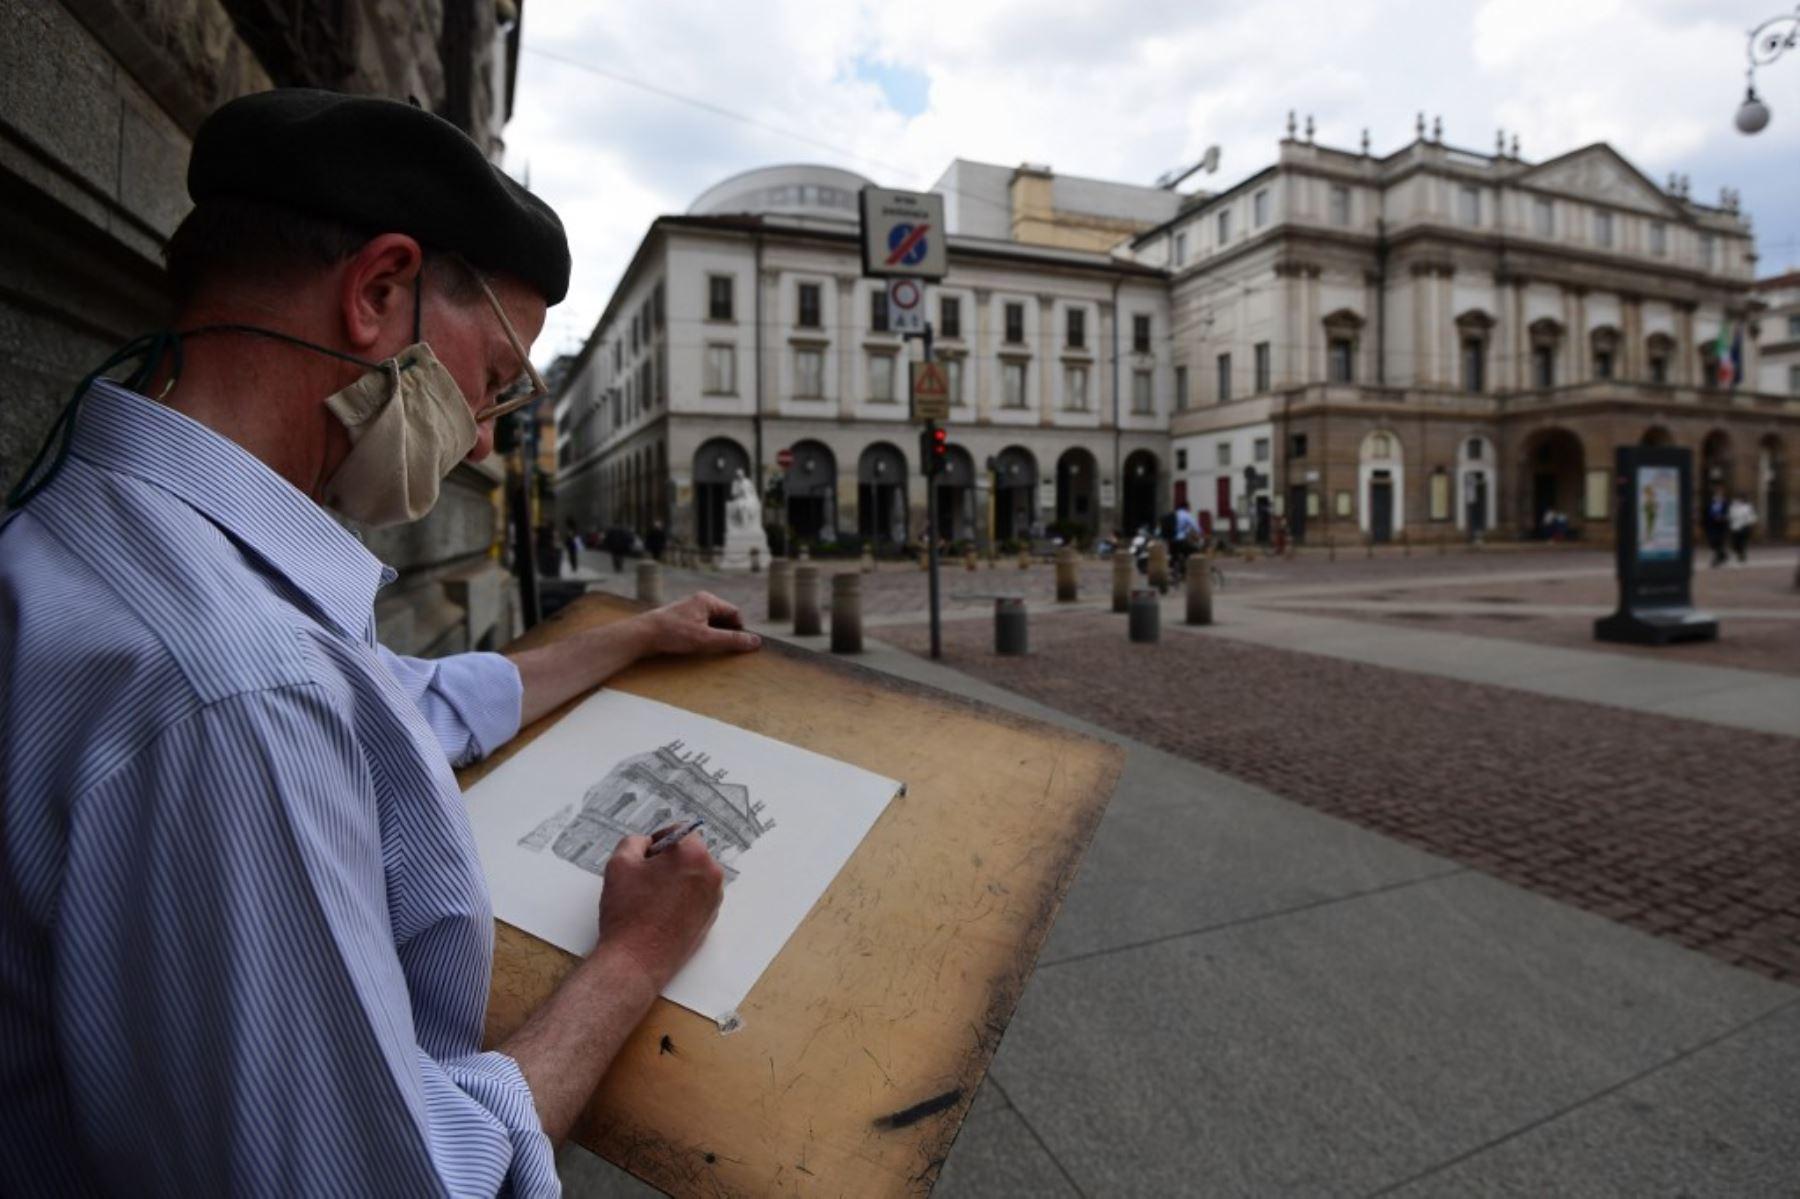 El pintor italiano Giovanni Franzi dibuja el edificio del Teatro de La Scala en el centro de Milán, Francia. Foto:  AFP